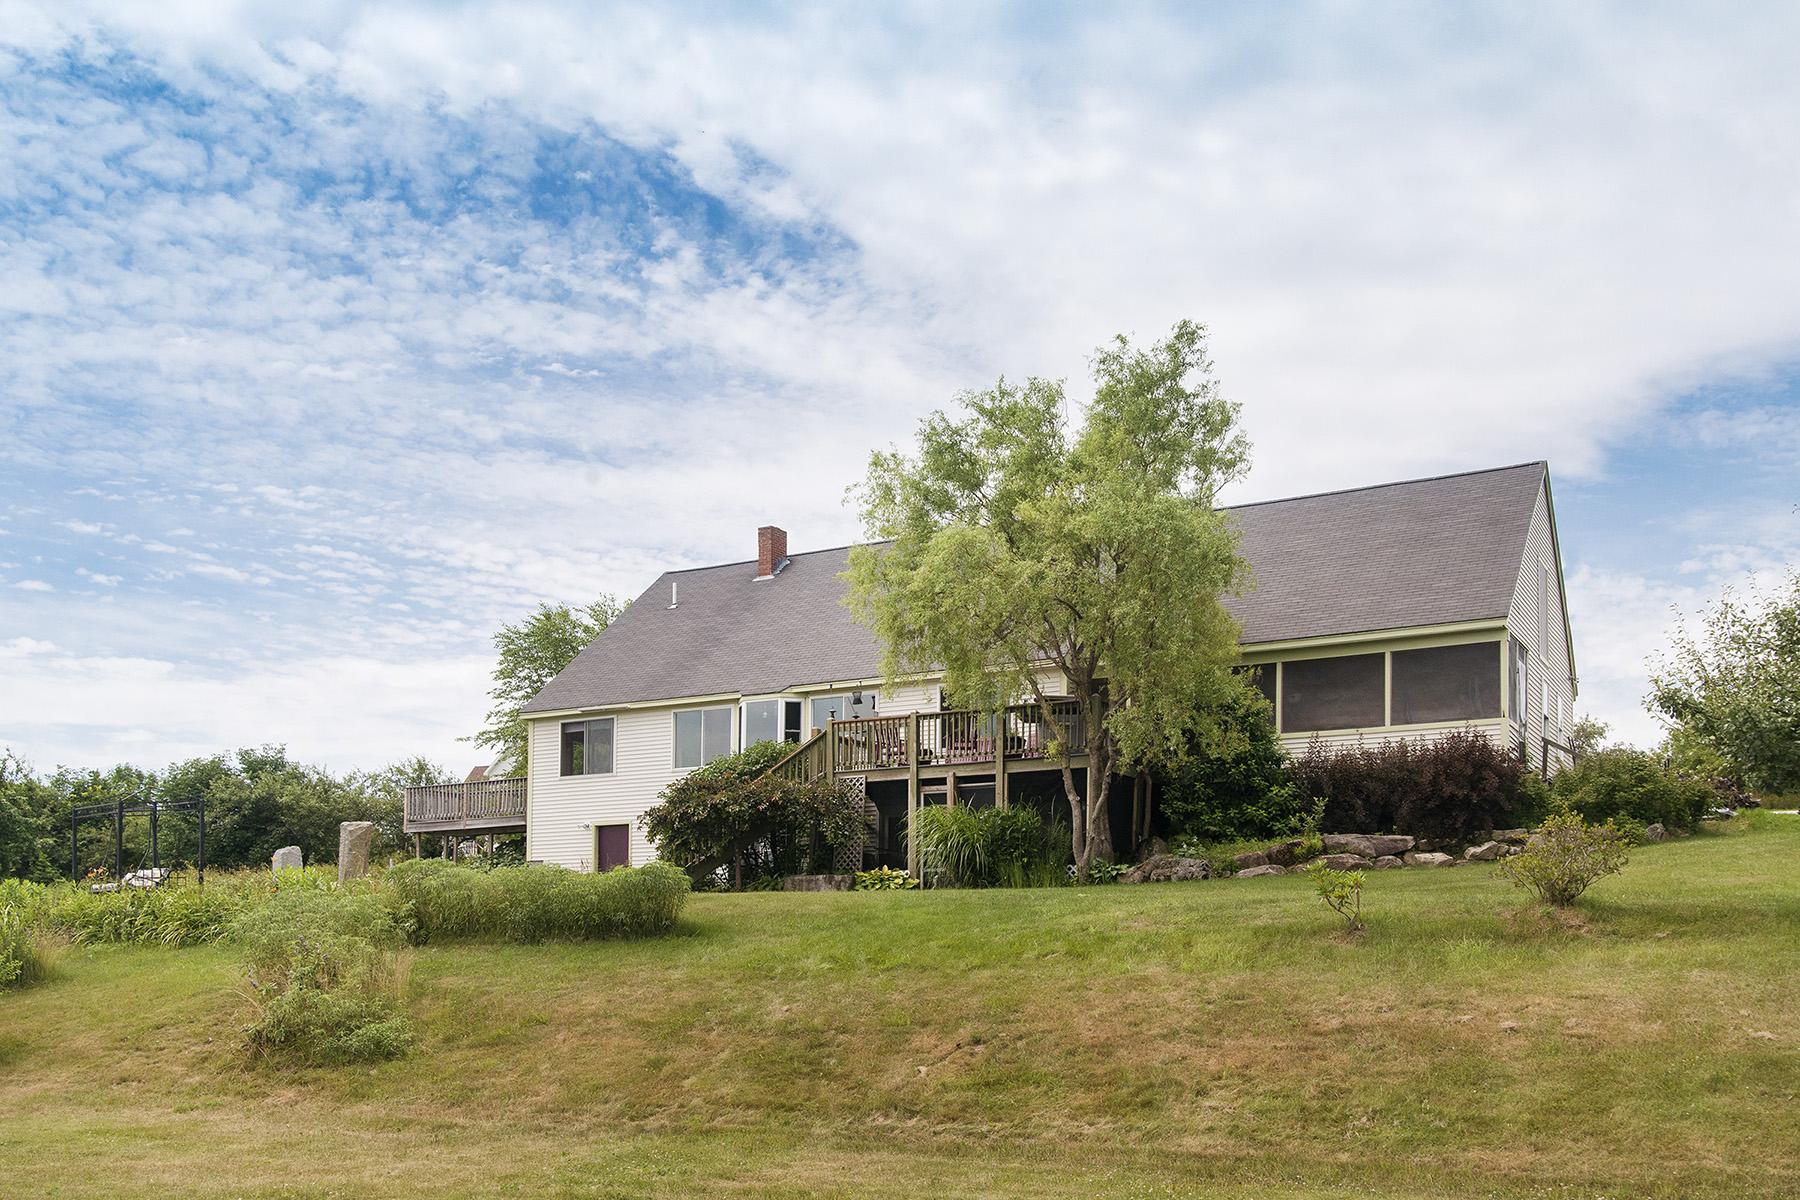 단독 가정 주택 용 매매 에 17 Orchard View Drive Waterford, 마이애미, 04088 미국